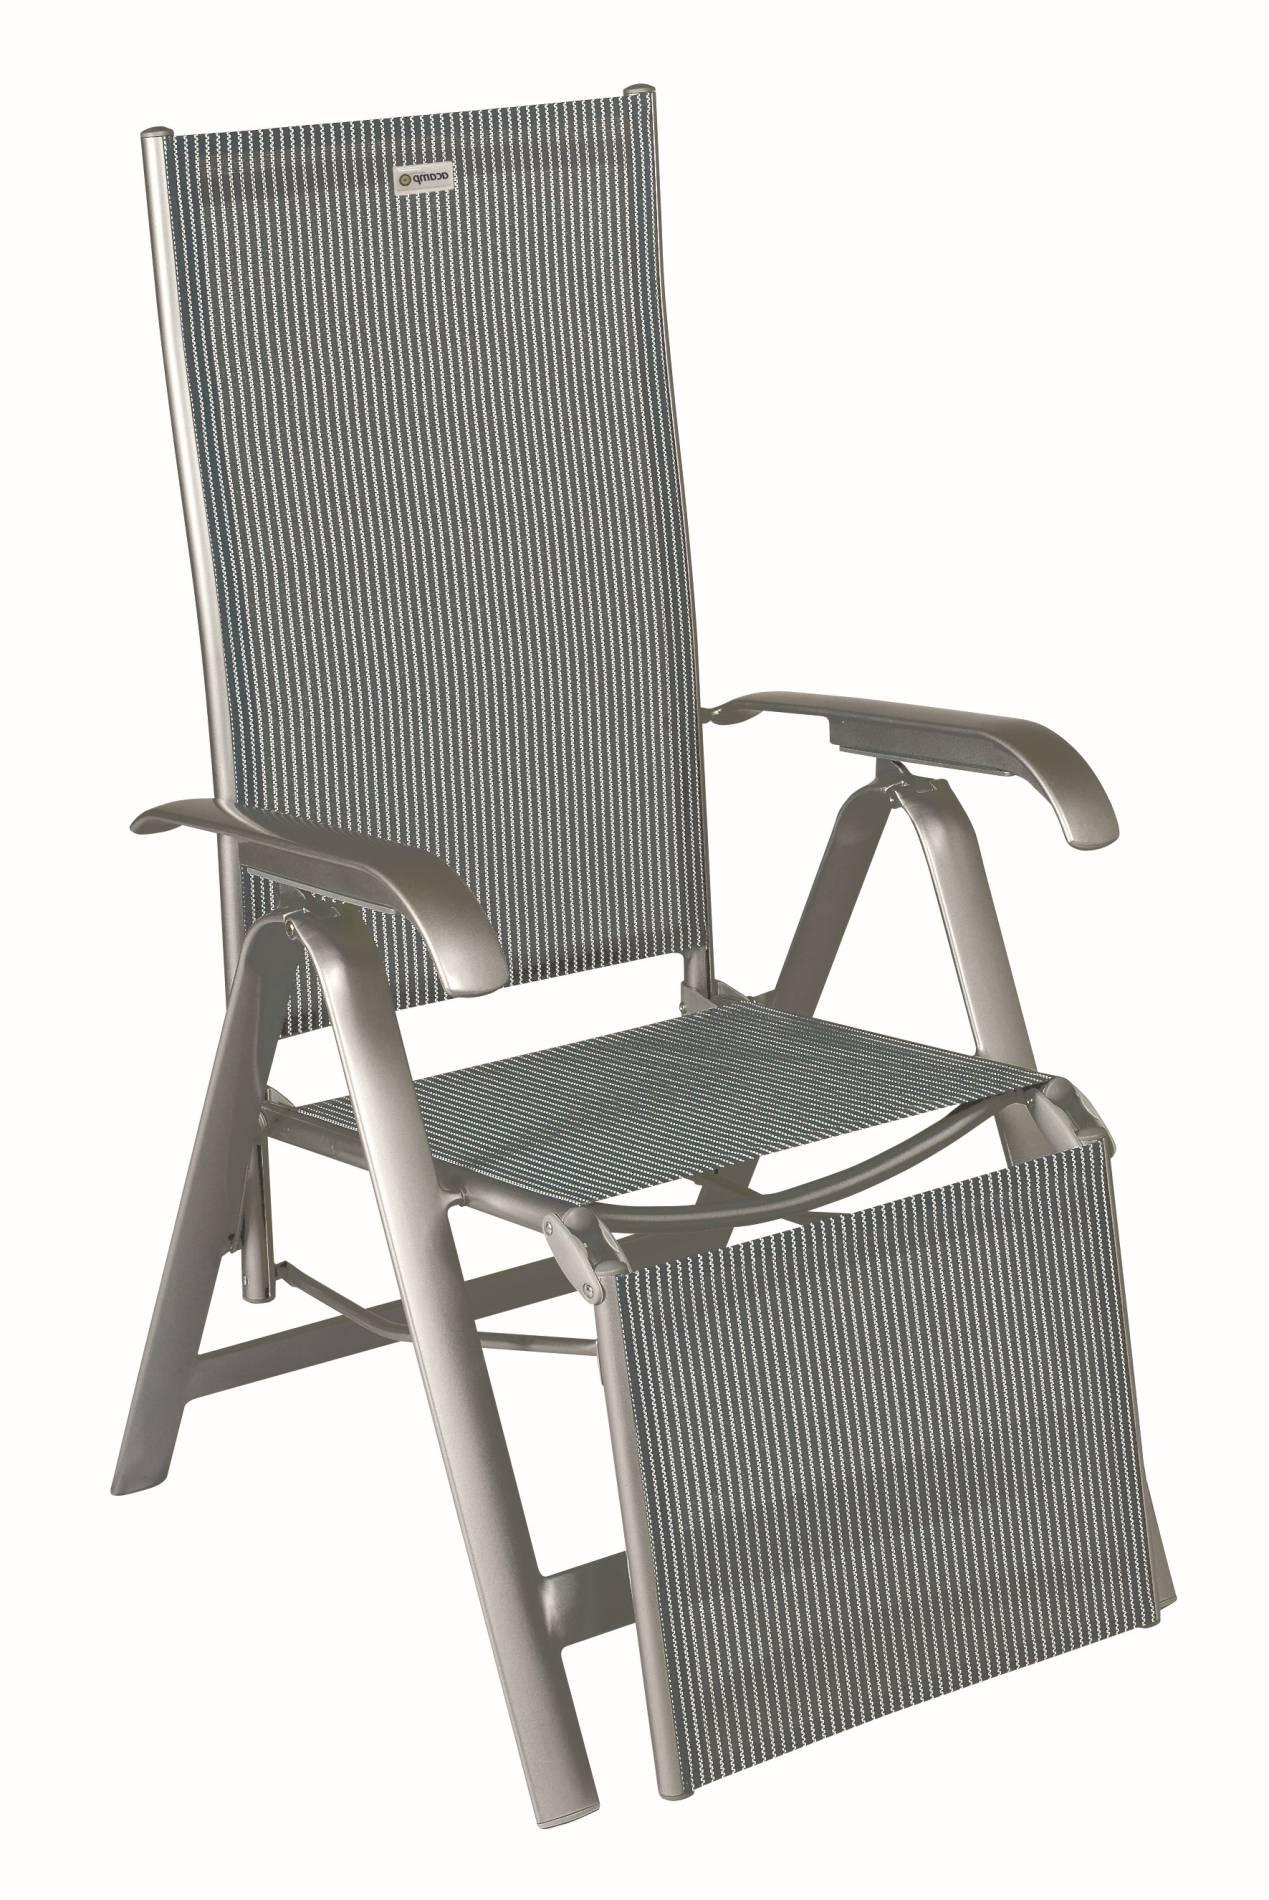 56004 acamp Relaxsessel Acatop platin/grigio